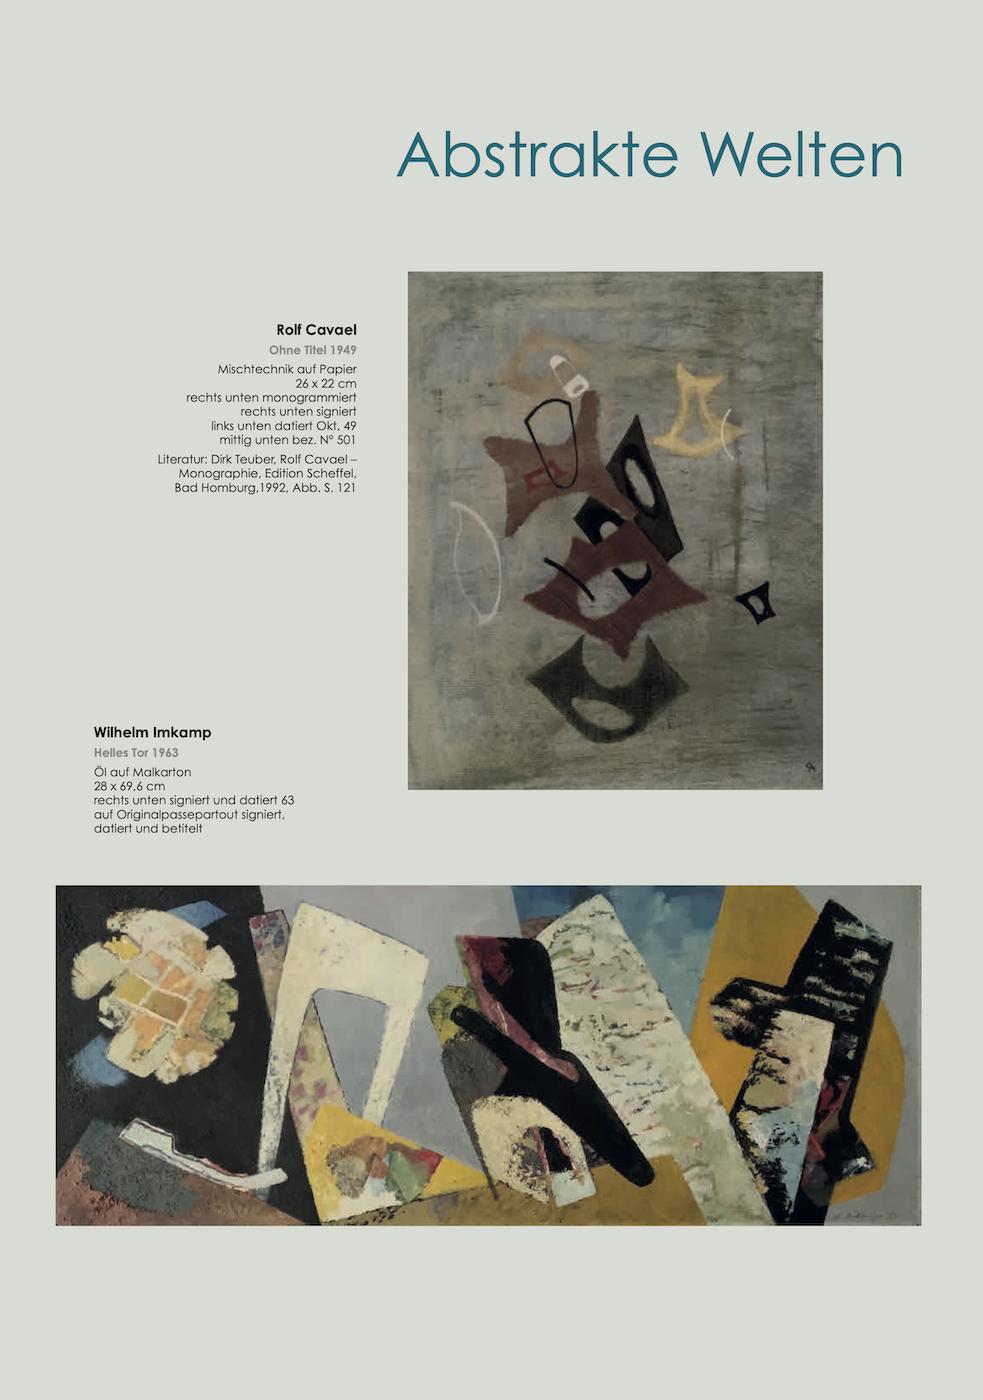 Einladungskarte Ausstellung Abstrakte Welten II 2020/2021 Galerie Maulberger 04